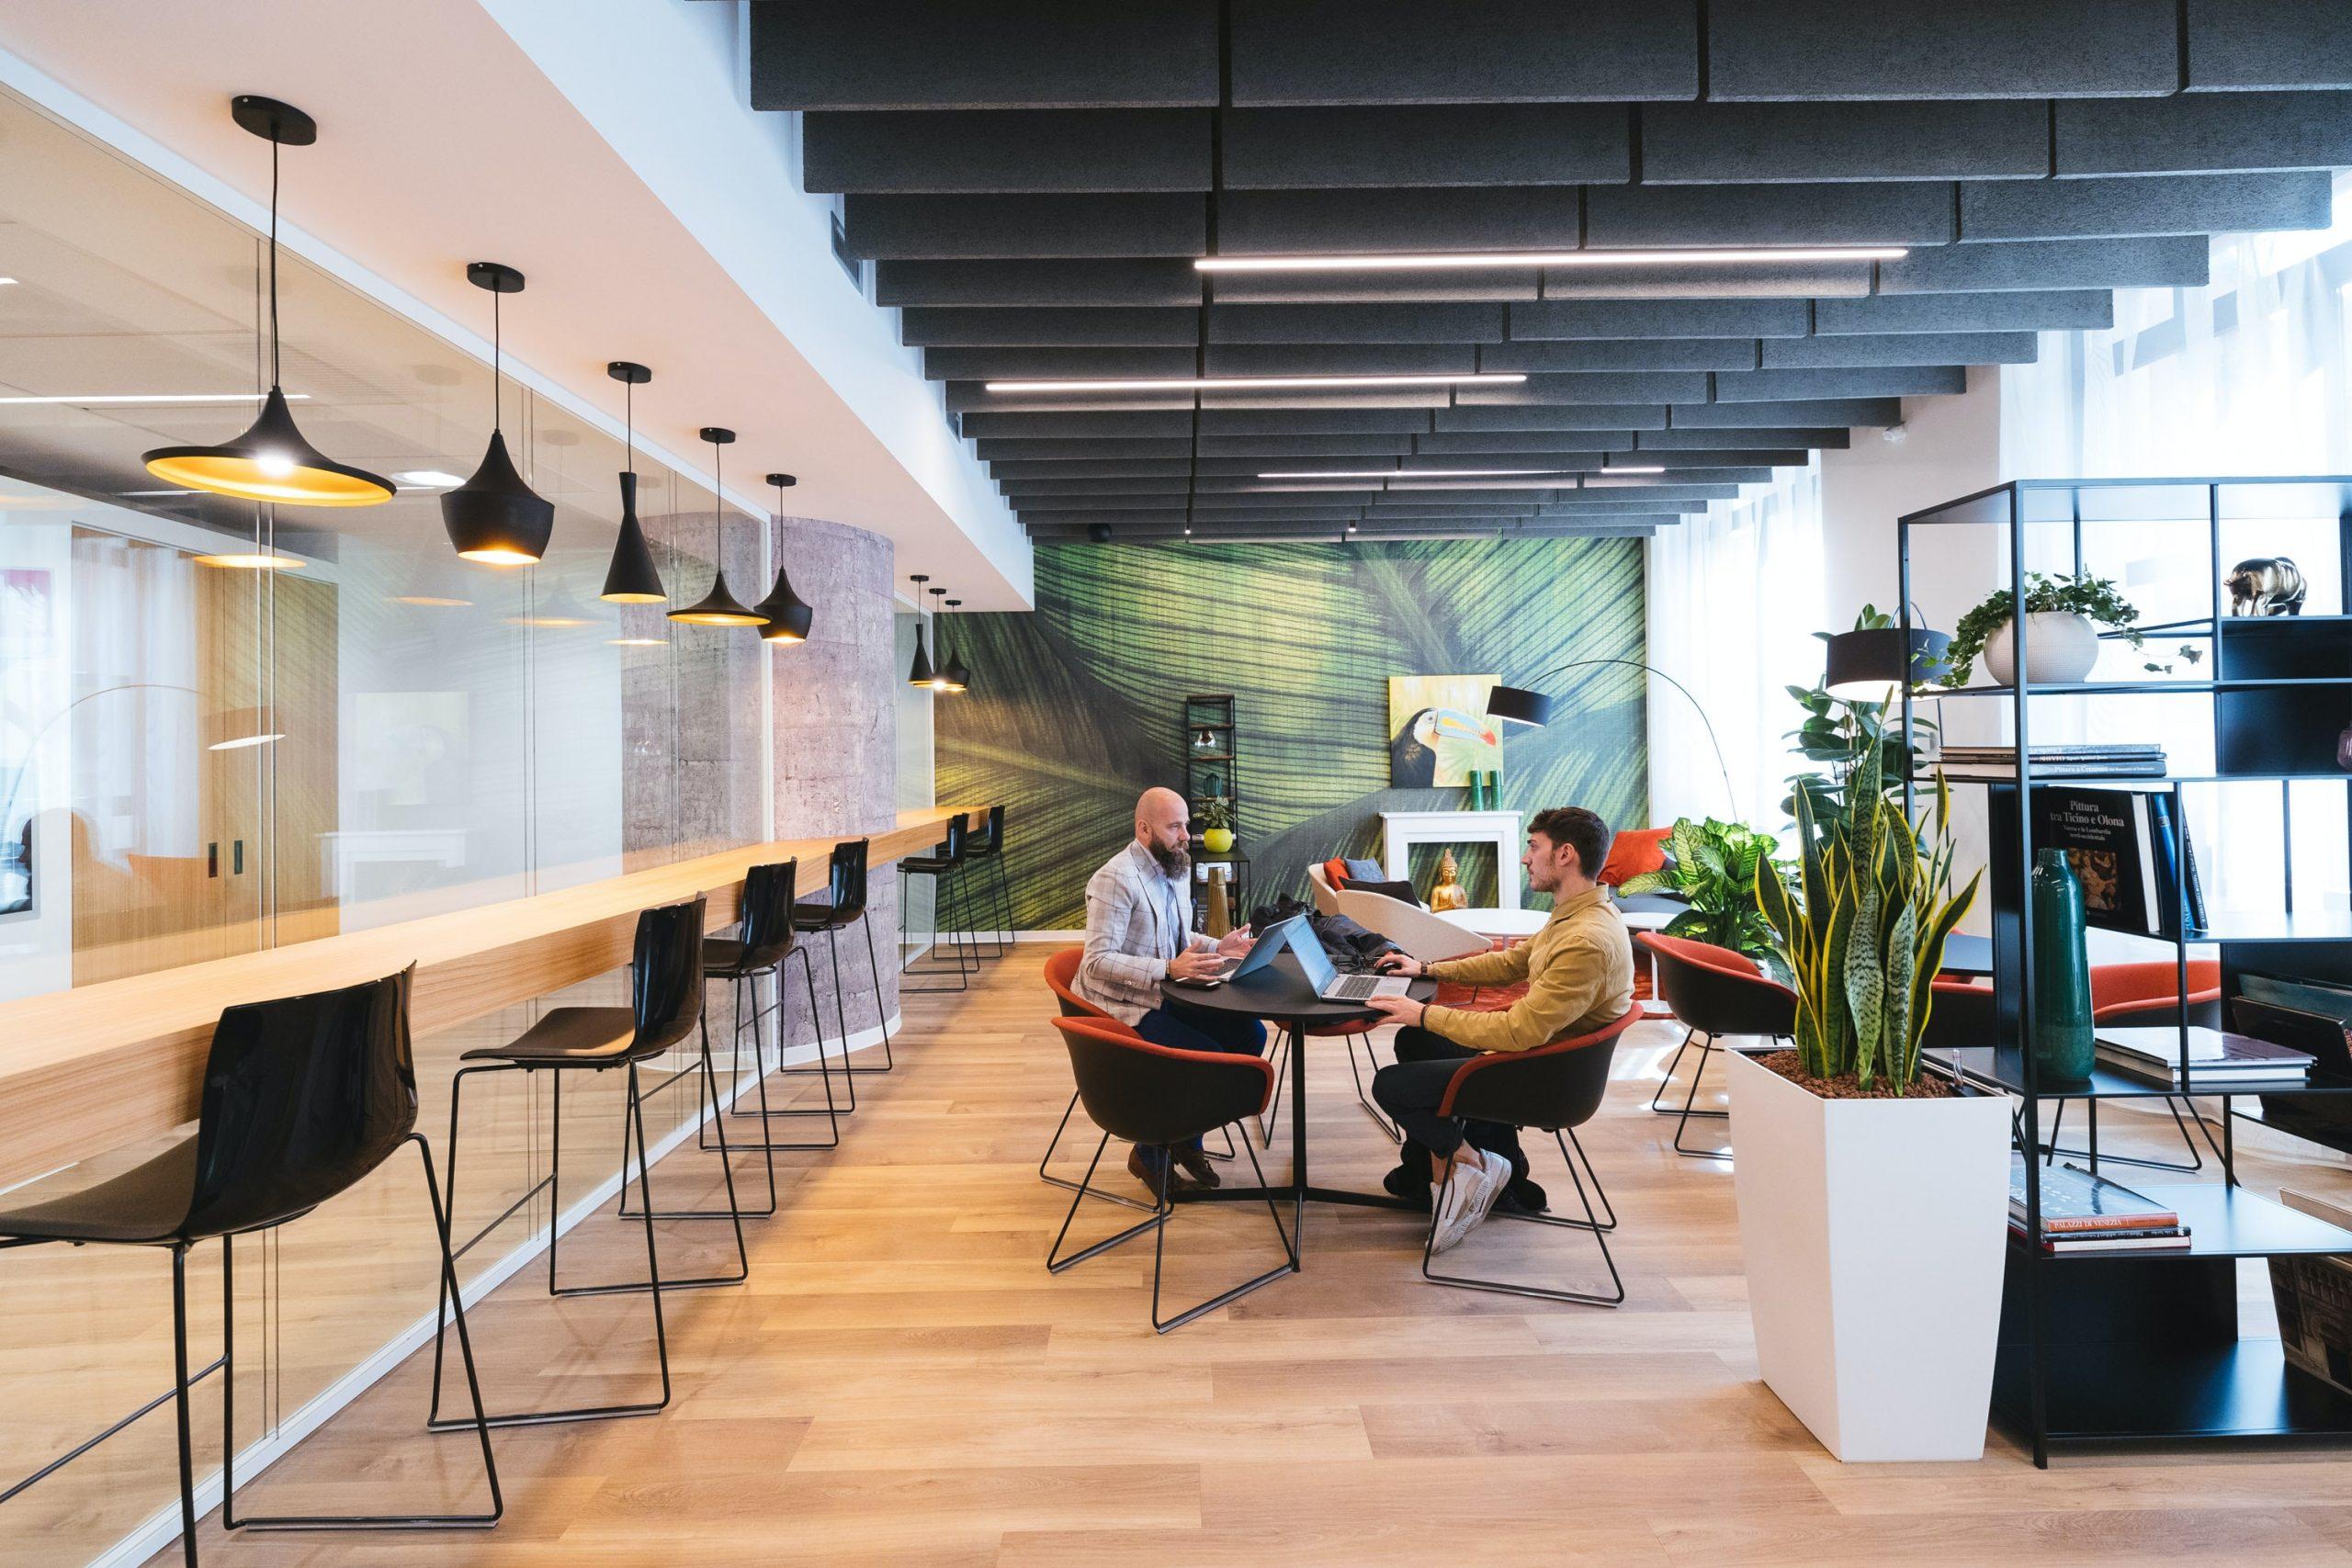 IOT et bureaux intelligents : Stimuler la productivité par la technologie<span class=